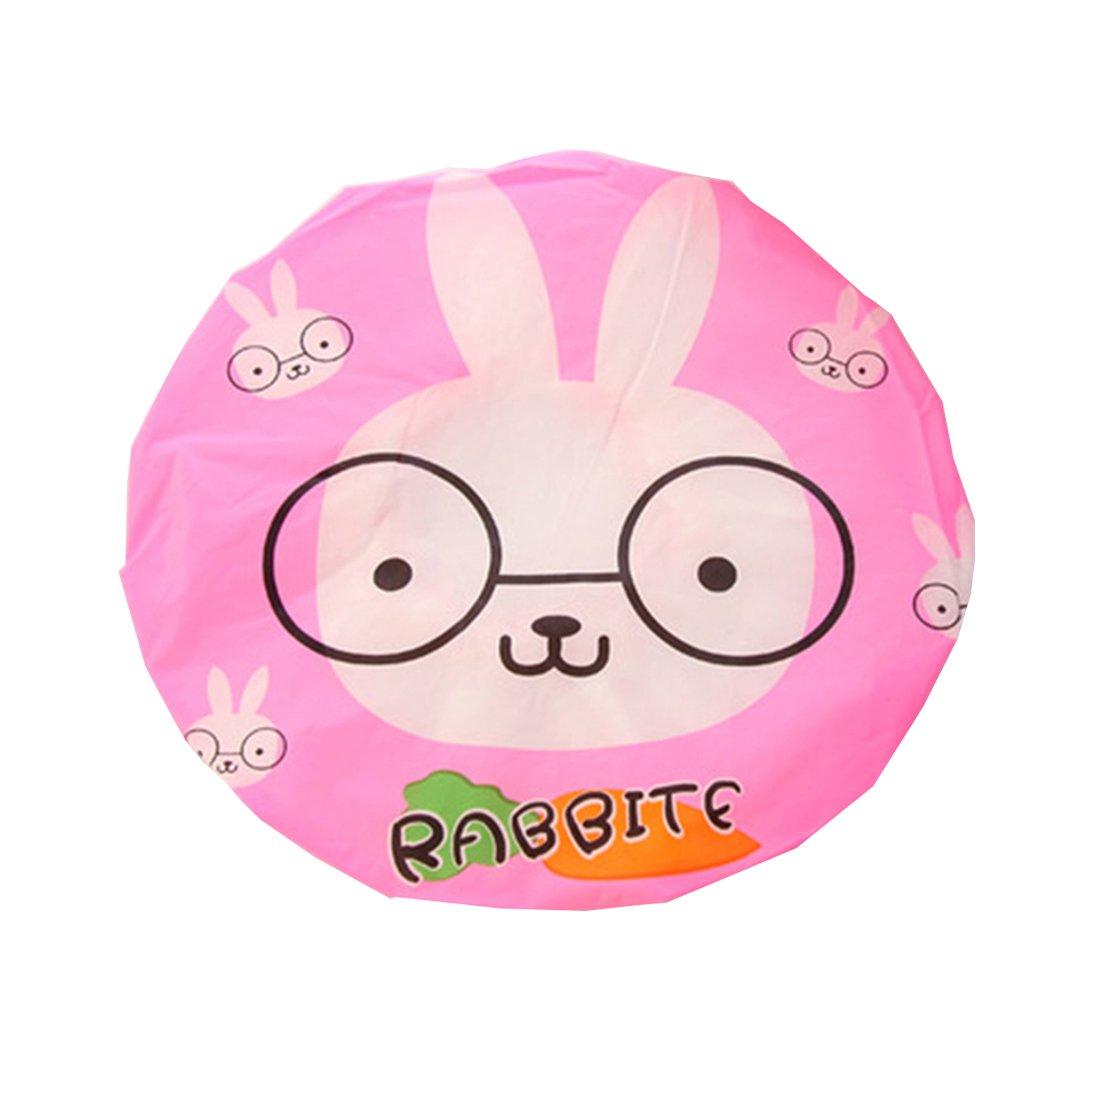 Ctgvh mignon Bonnet de douche, plastique élastique Animal Bain Motif étanche Maquillage capuchon pour les femmes filles (Motif lapin)